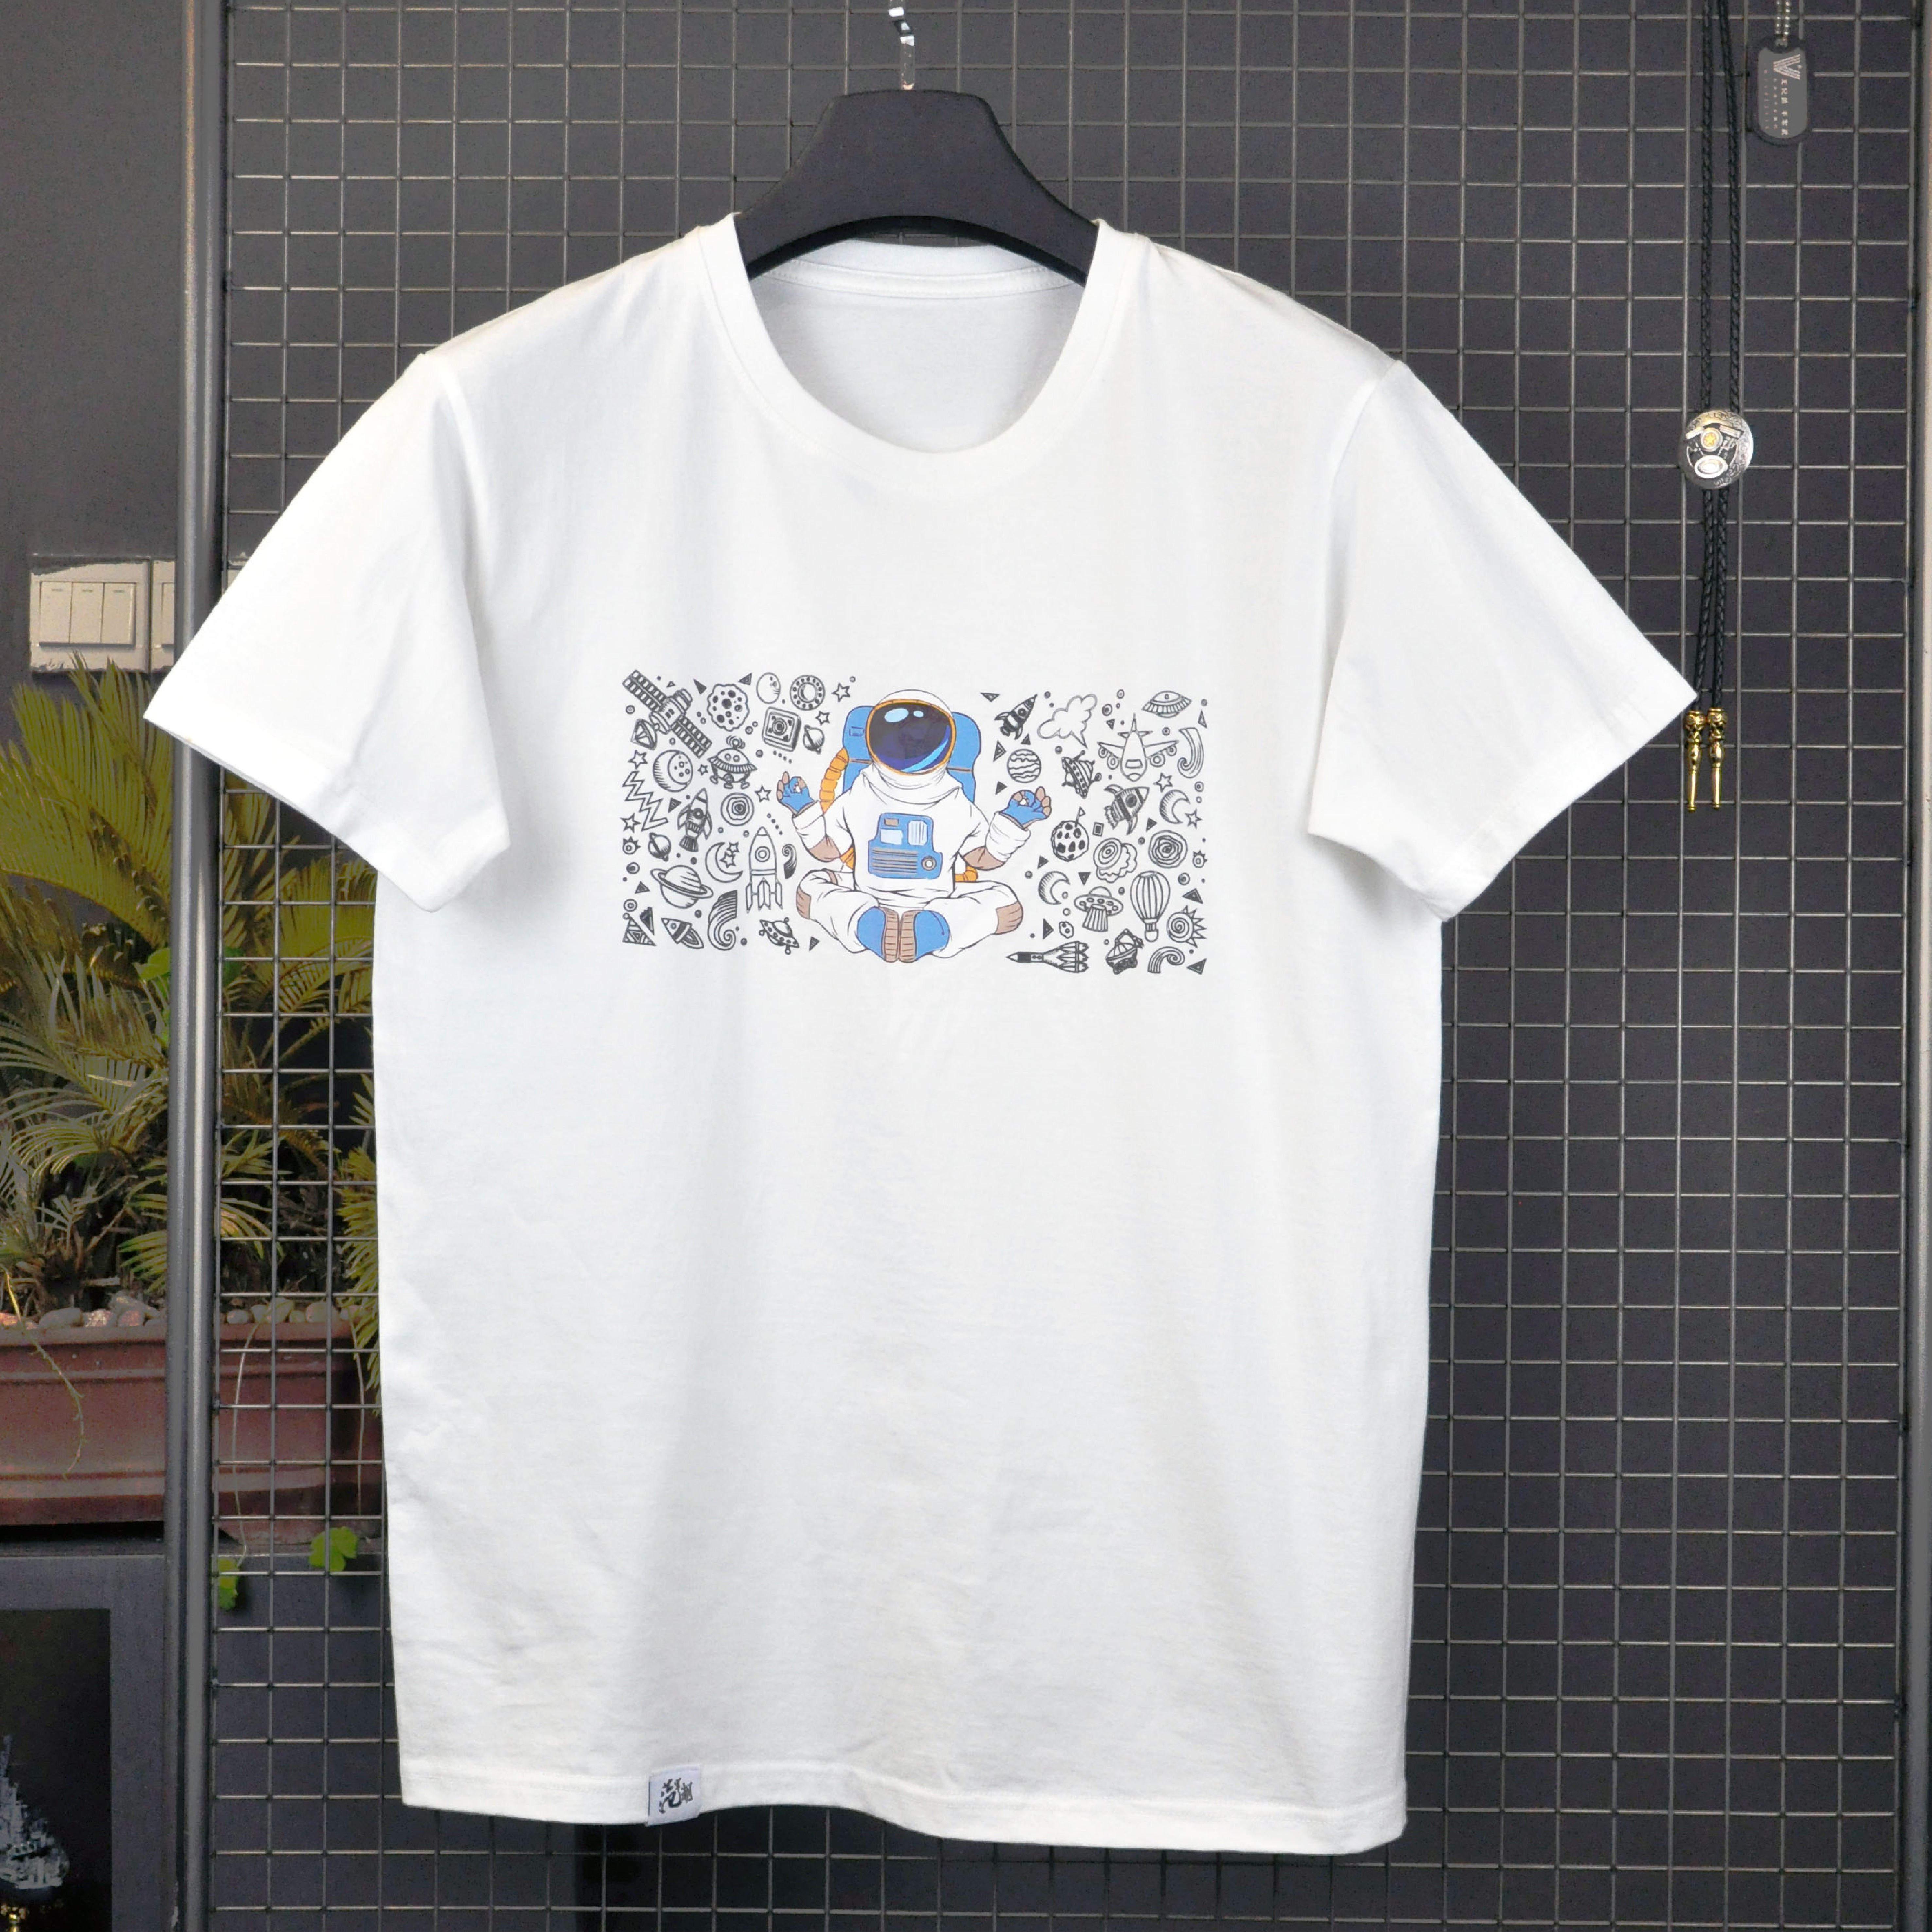 オリジナル2020年新型軍事トレンドデザインTシャツ趣味プリント丸首純綿半袖男性Tシャツ男性